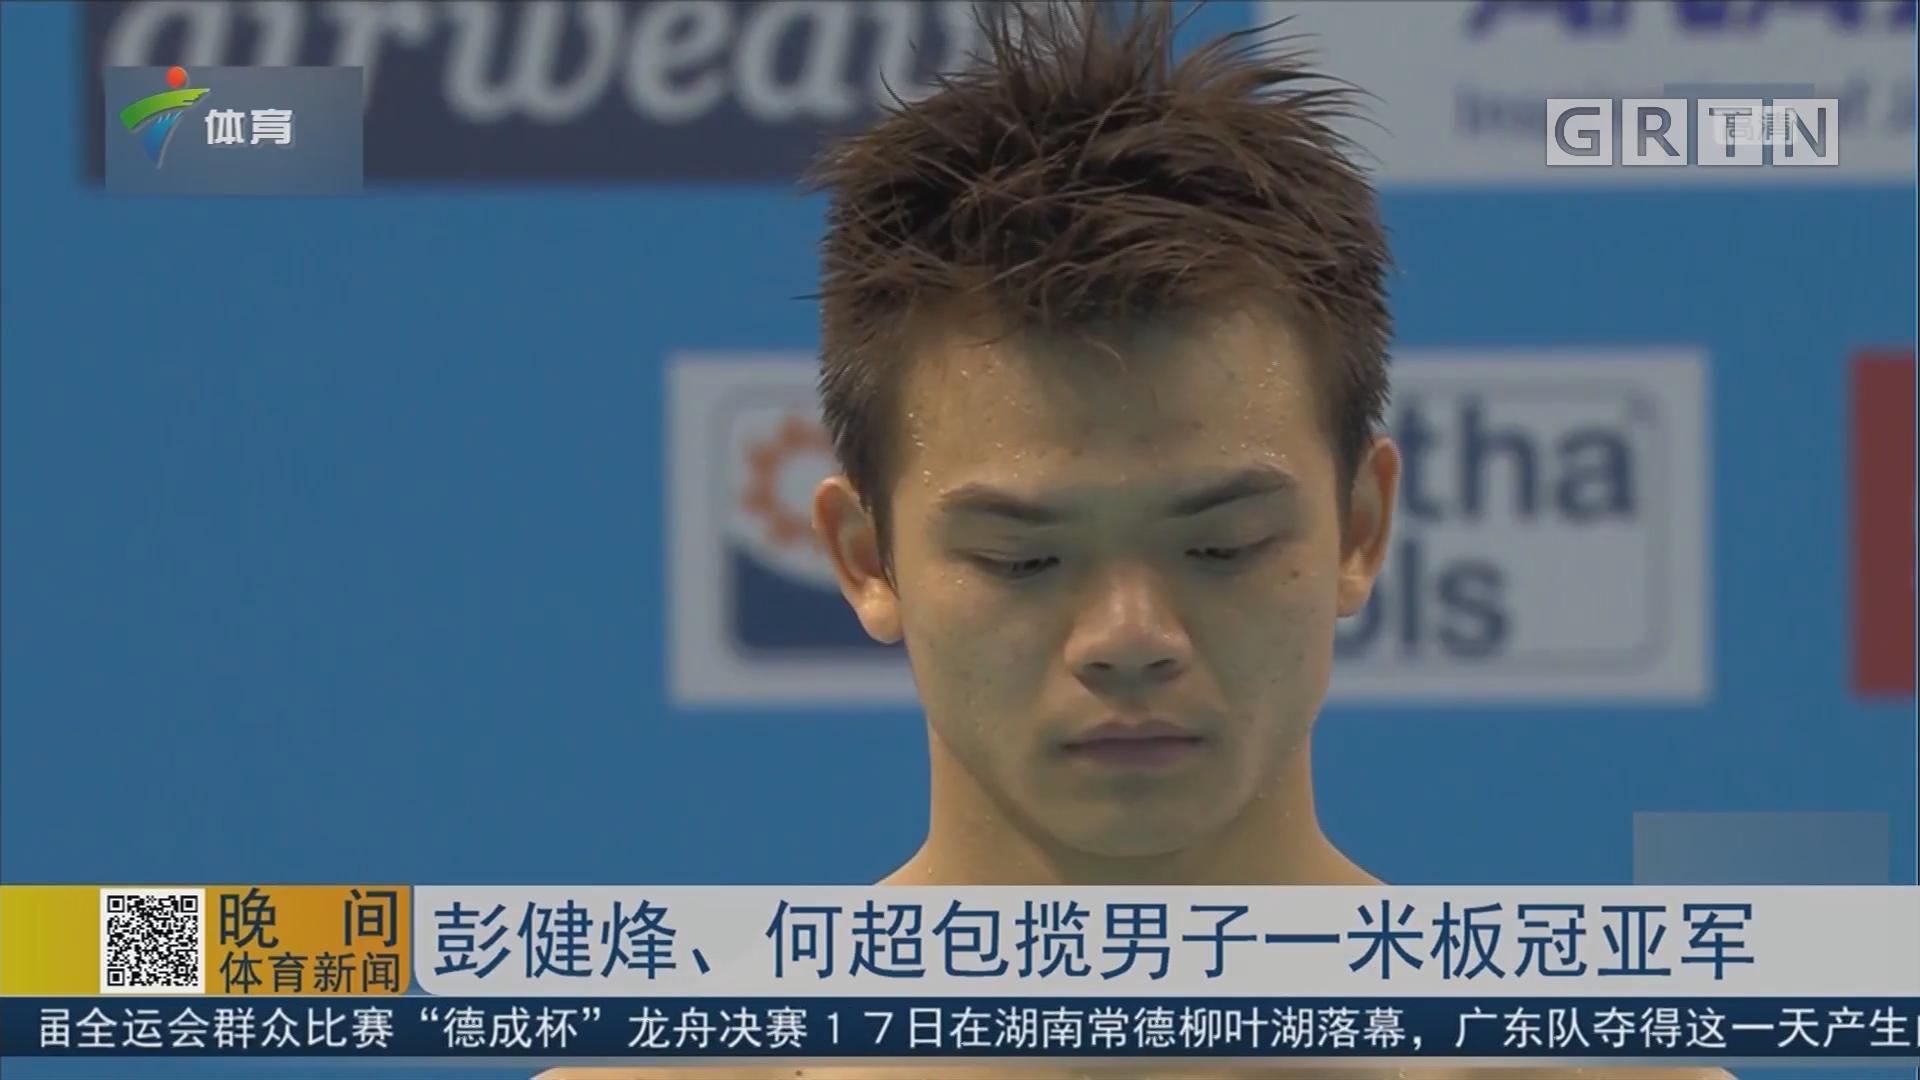 彭健烽、何超包揽男子一米板冠亚军